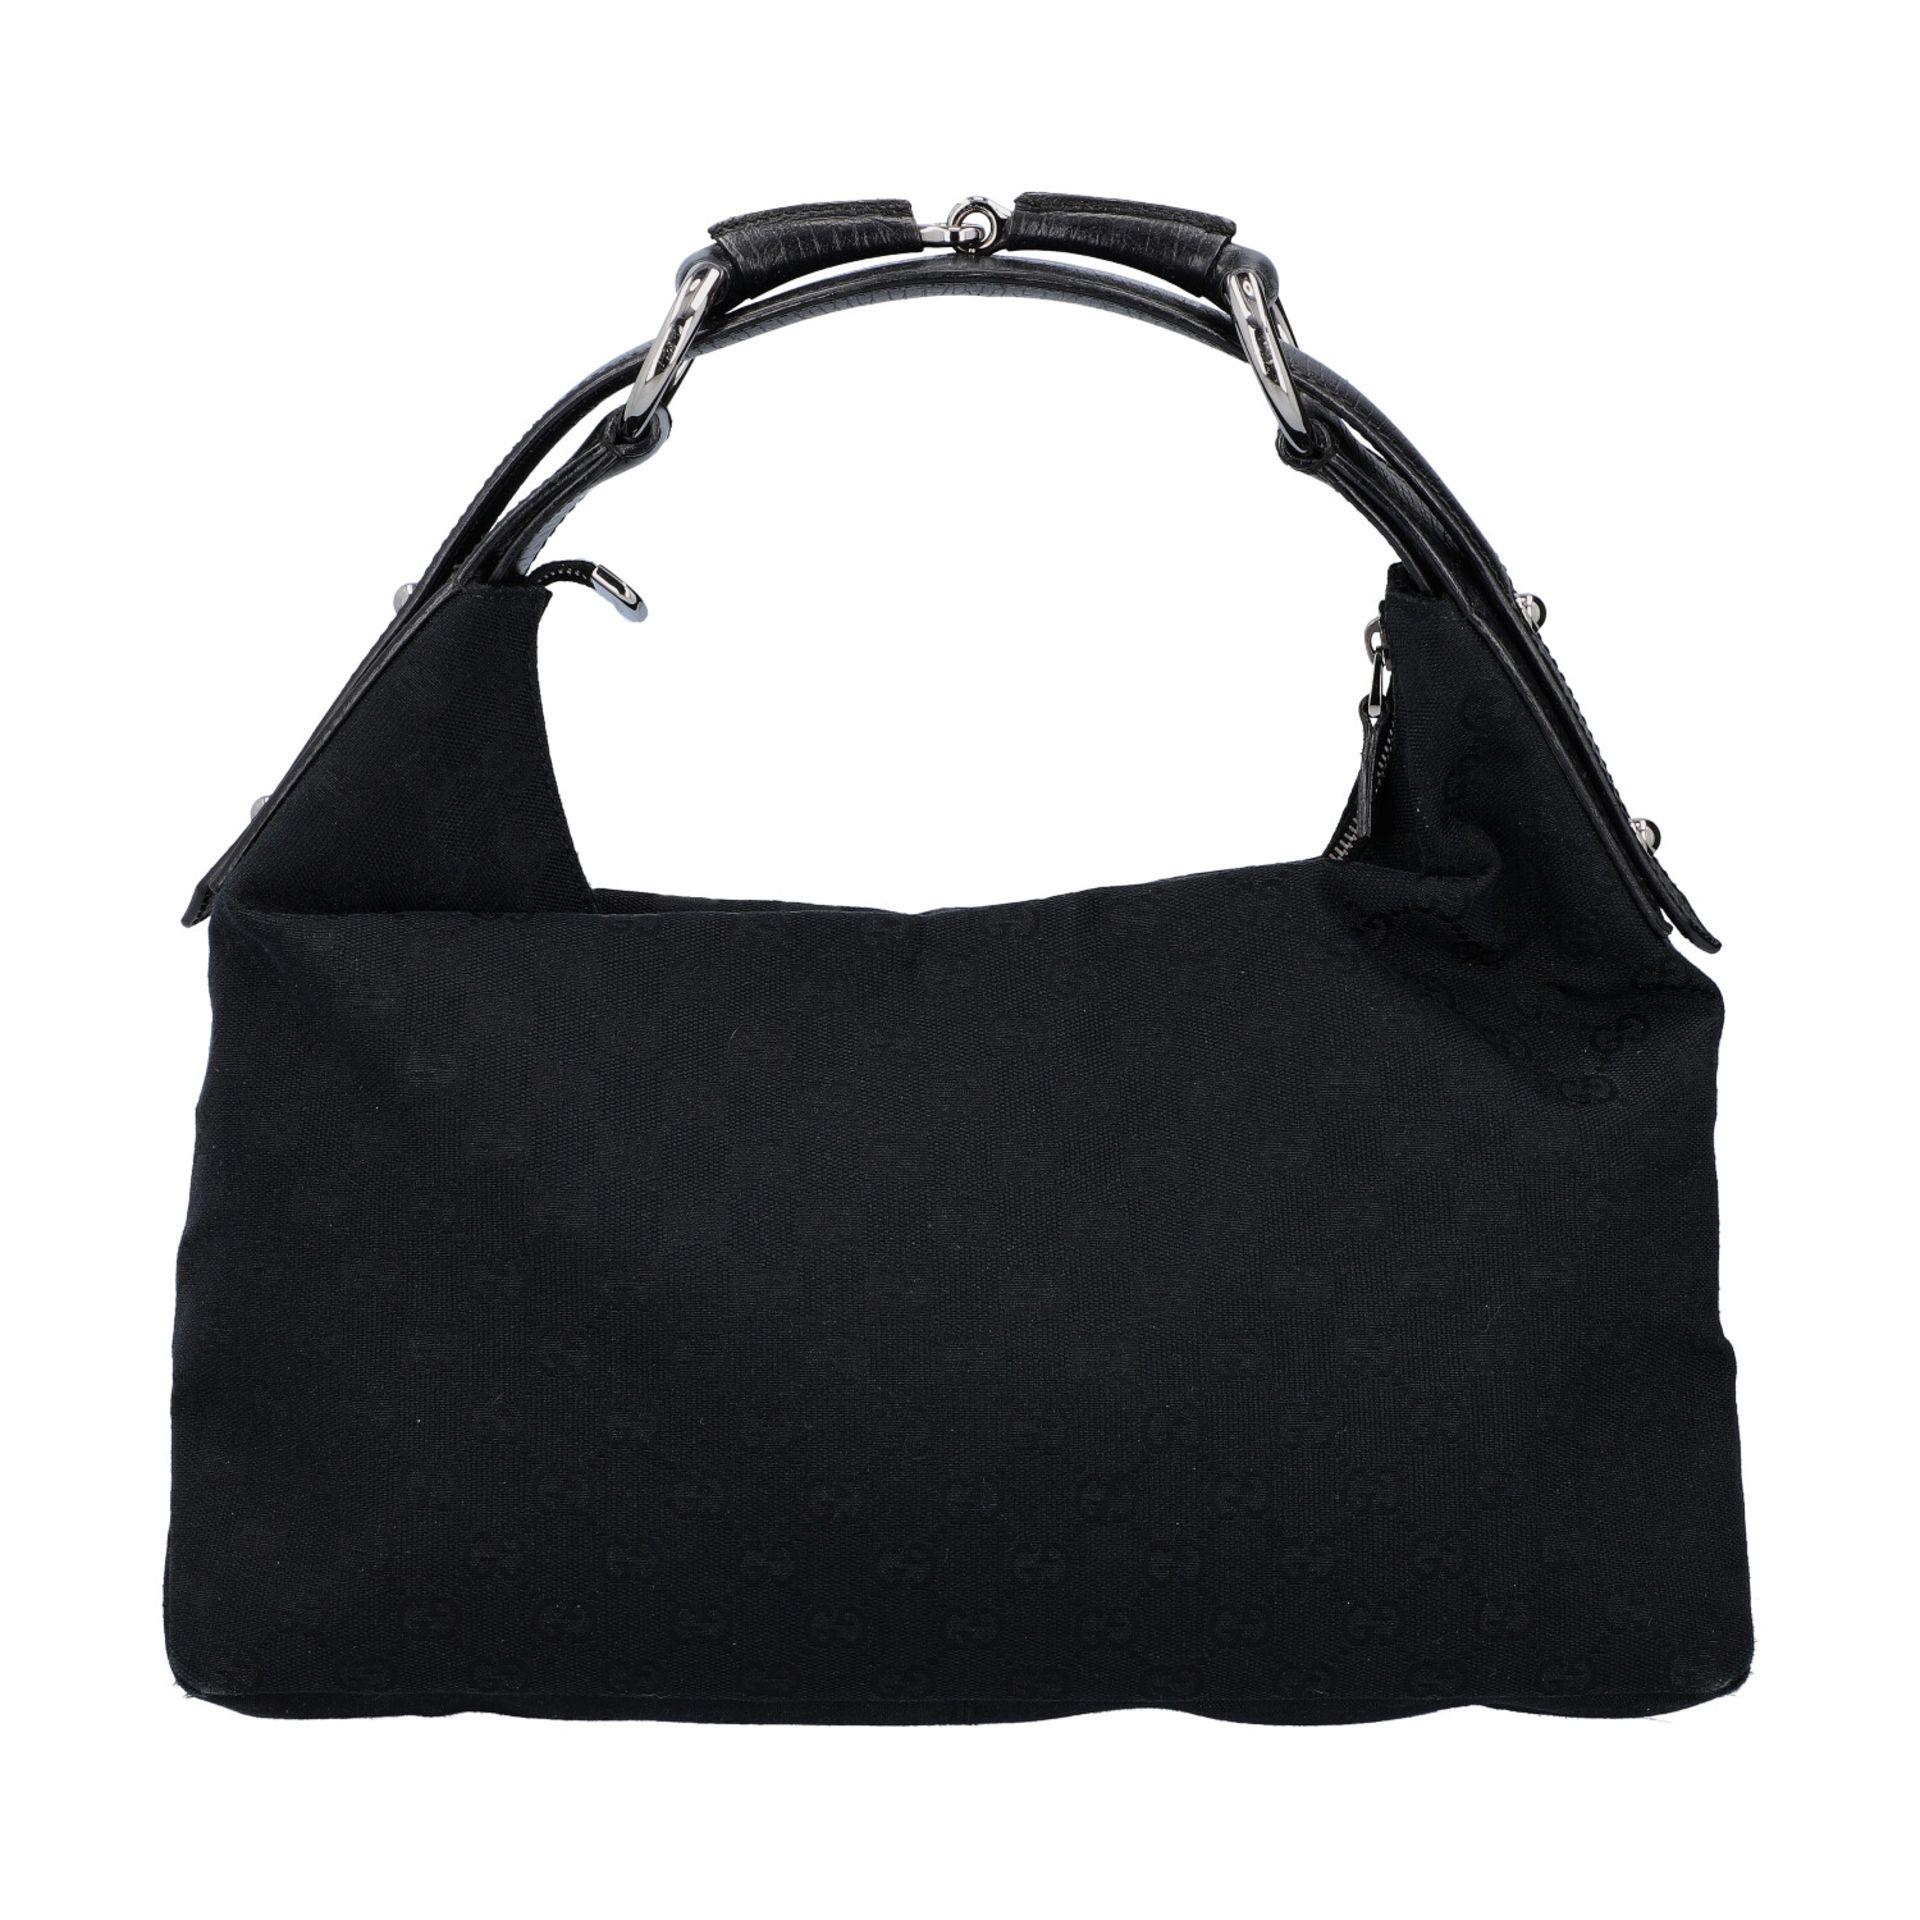 GUCCI Handtasche. Guccissima Design auf schwarzem Textil mit silberfarbener Hardware,